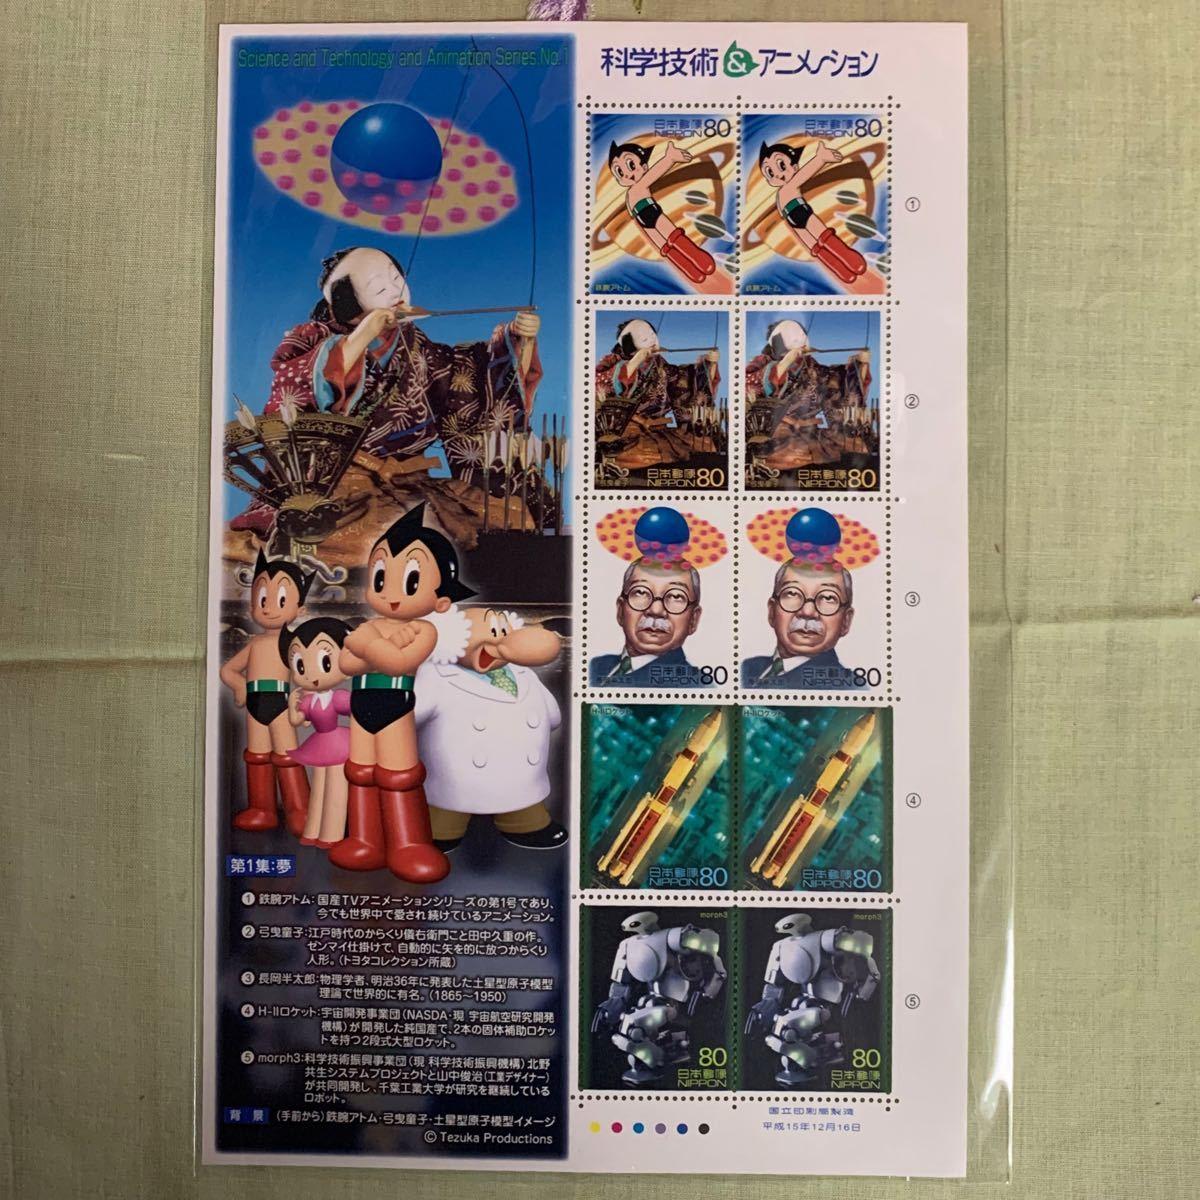 切手まとめ売り 切手 日本切手 切手シート  ふみの日 ドラえもん切手 可愛い切手まとめ